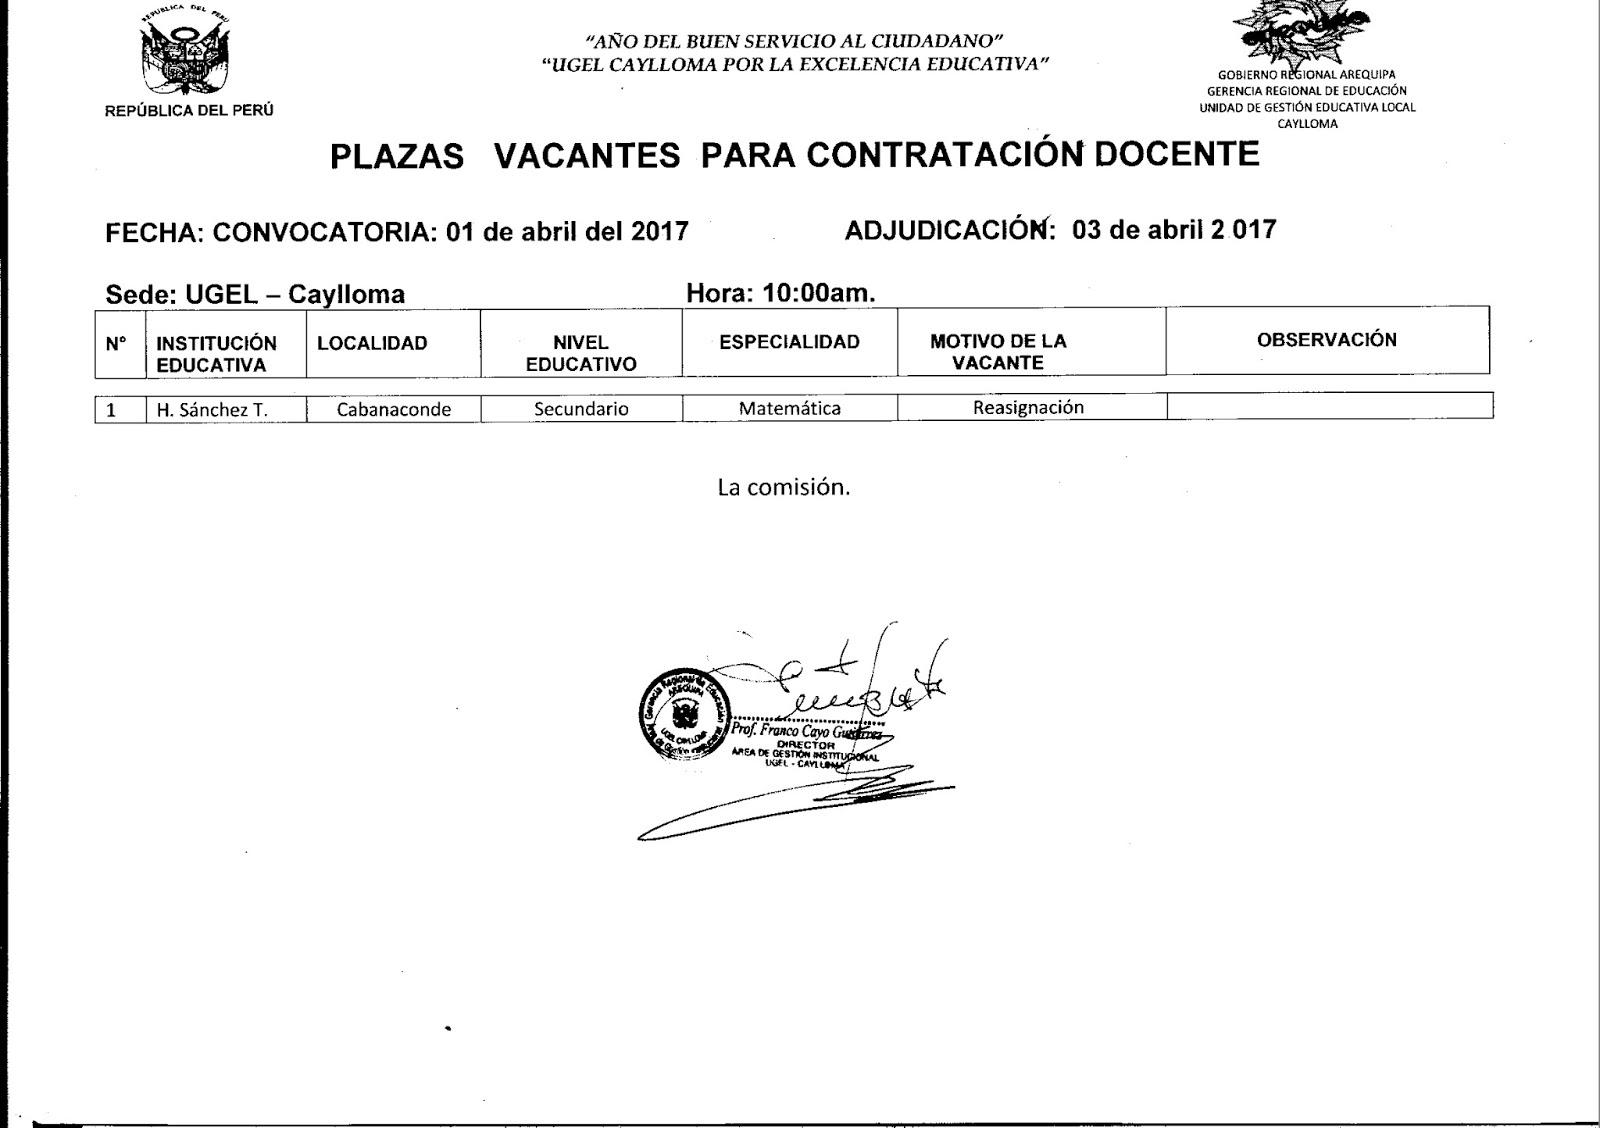 Convocatoria para contrataci n docente de matem tica 03 for Convocatoria de plazas docentes 2017